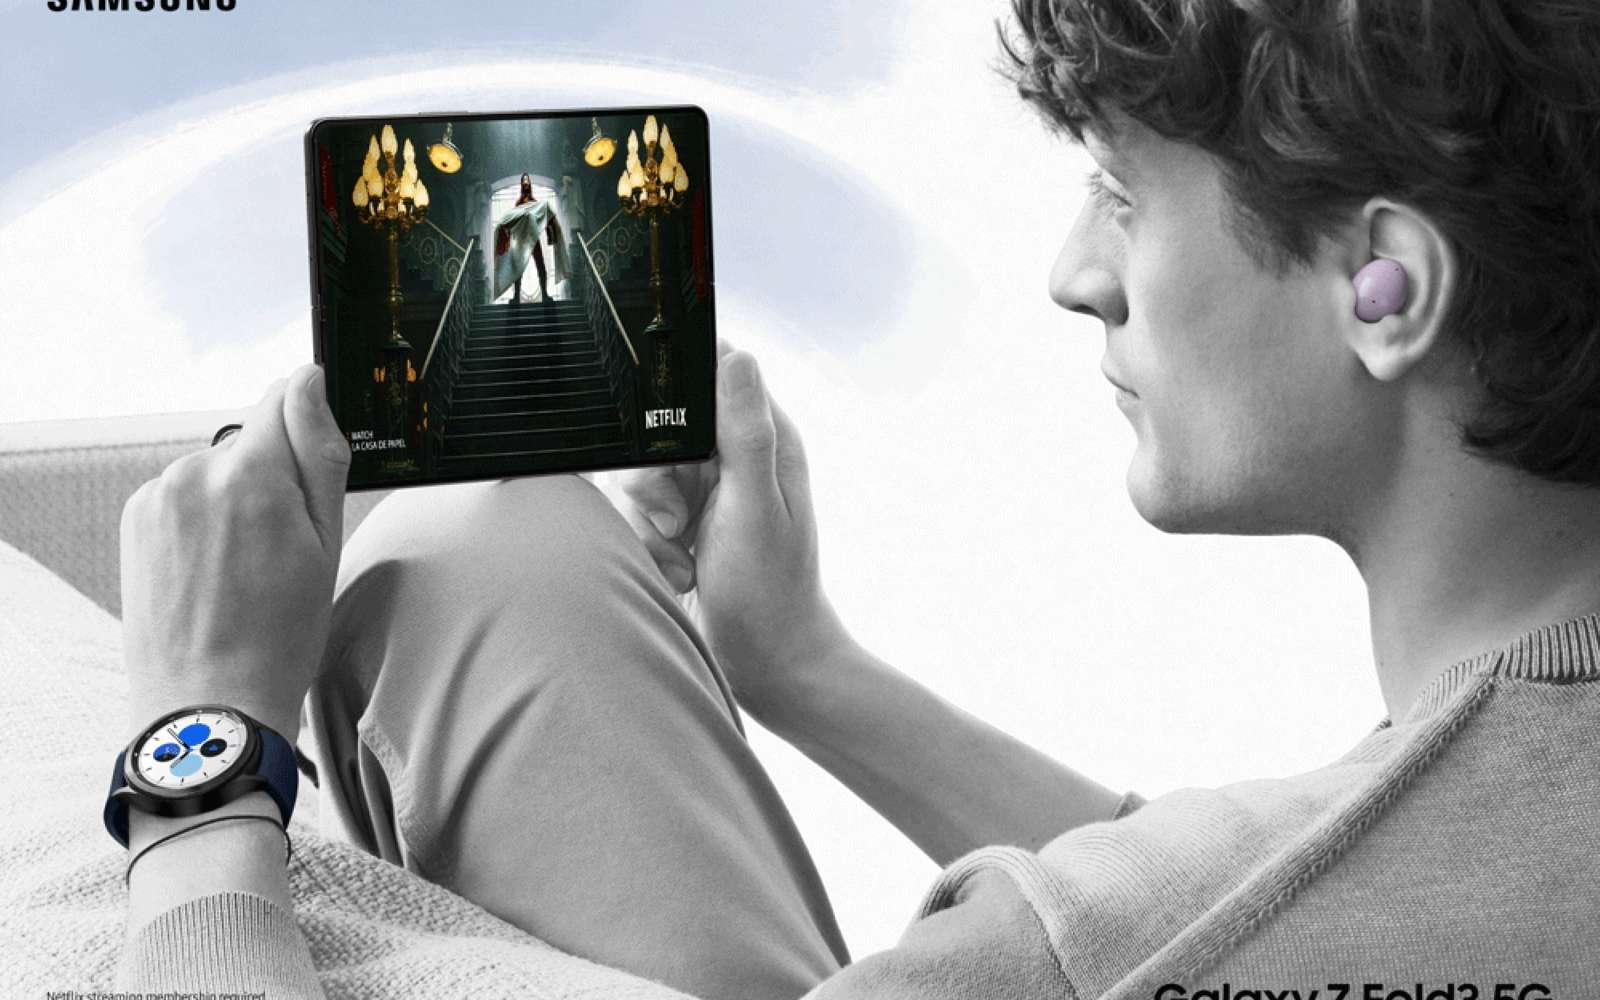 Avec ses deux nouveaux modèles, Samsung a trouvé la combinaison parfaite pour lancer la révolution des smartphones pliants. © Samsung